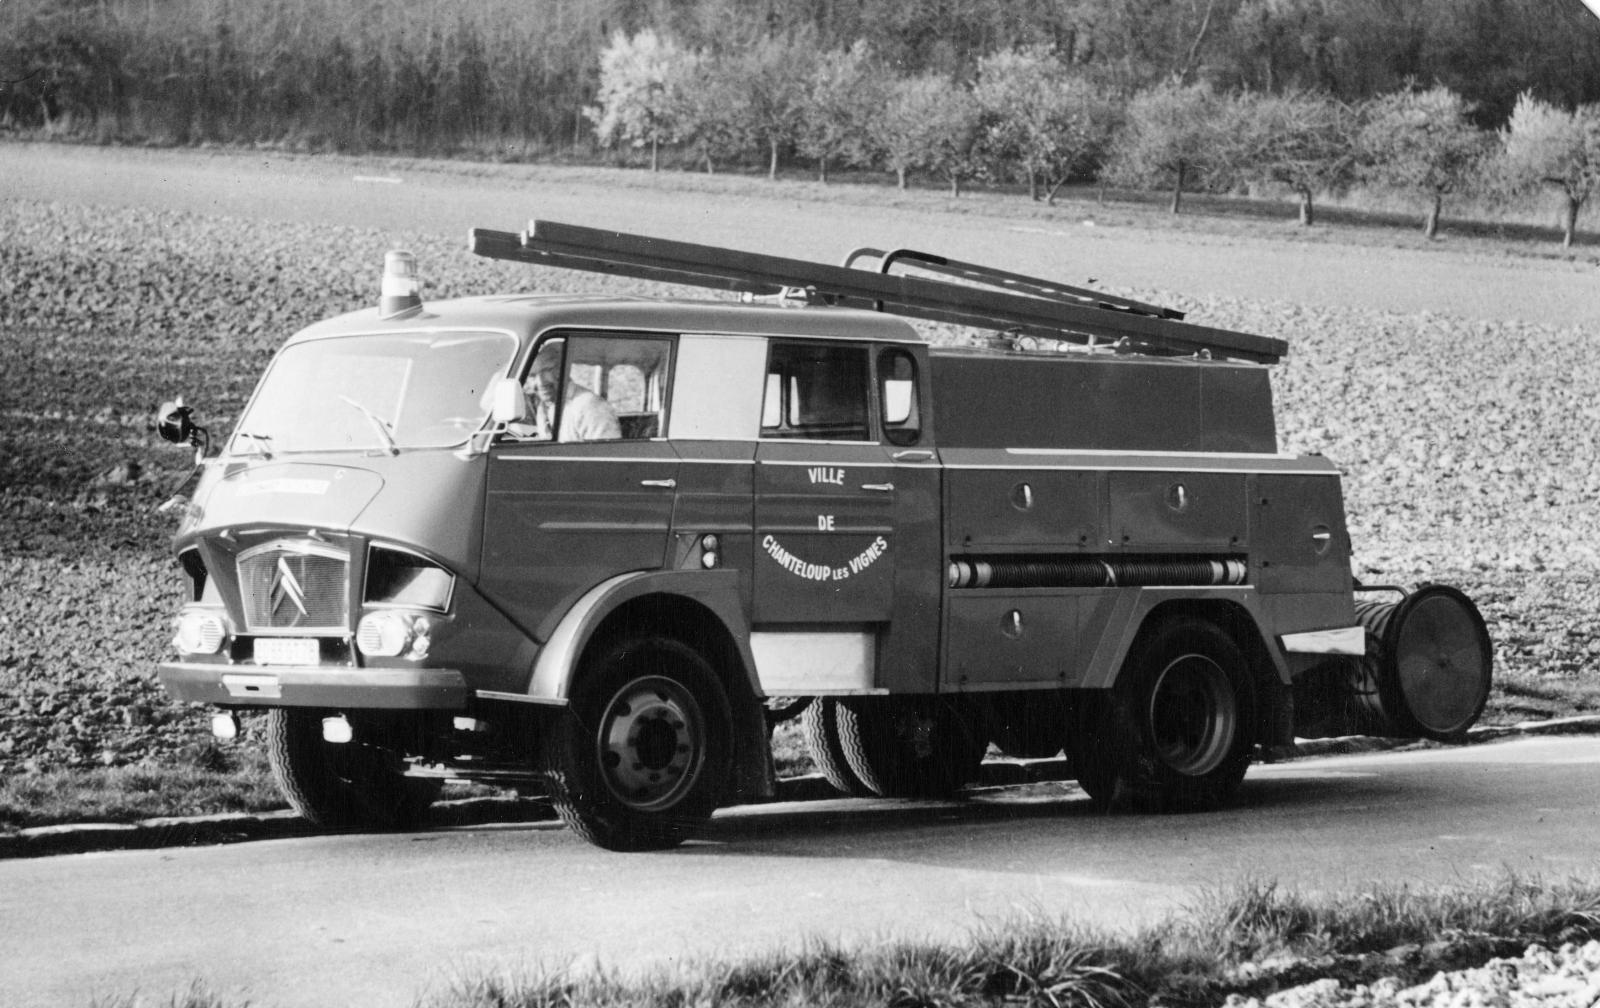 タイプ 350 トラック - 1967年